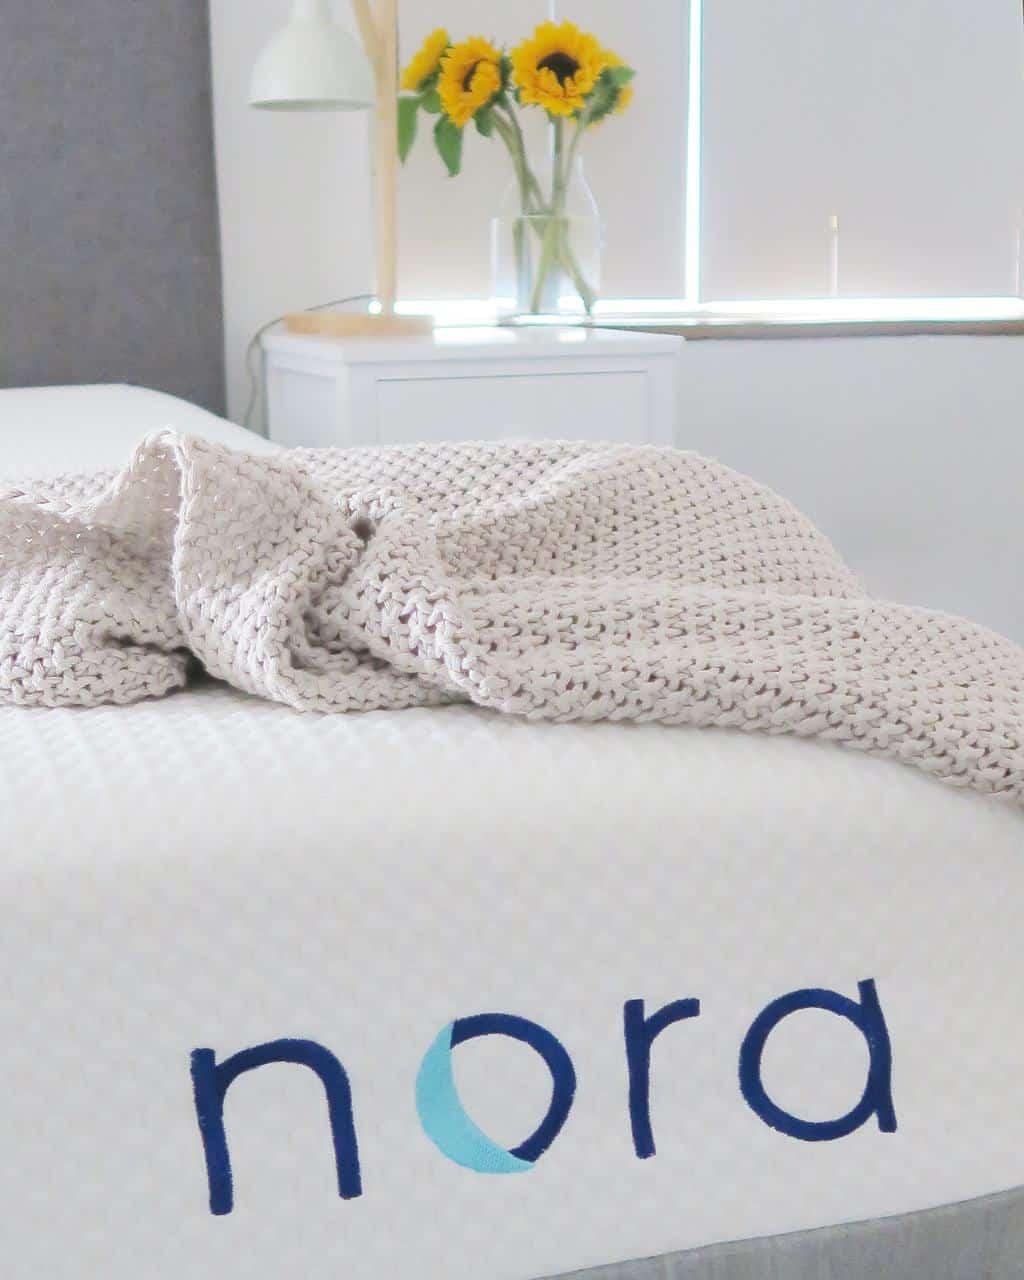 wayfair nora mattress review